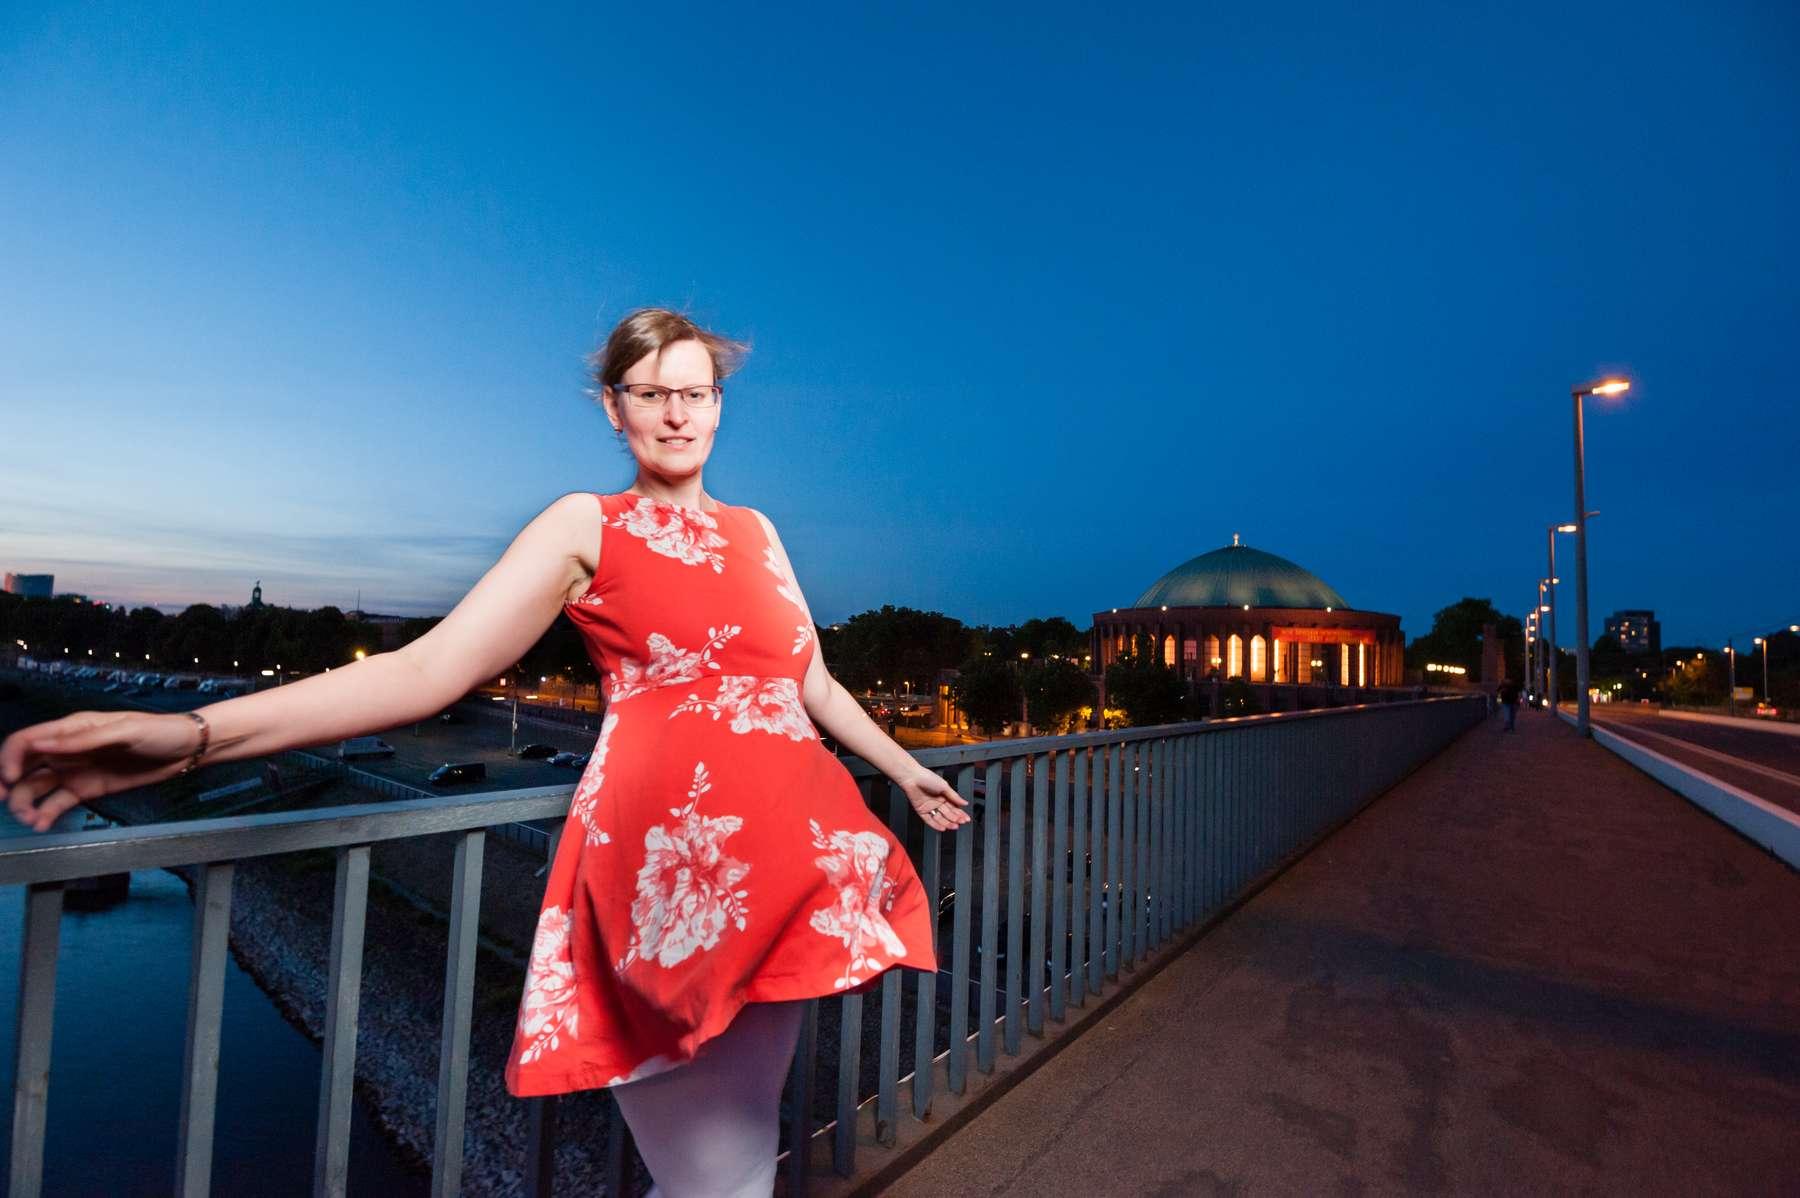 Foto von einer hübschen Frau in ihrem roten Kleid in Düsseldorf. Fotografiert von Fotograf Rainer Rössler